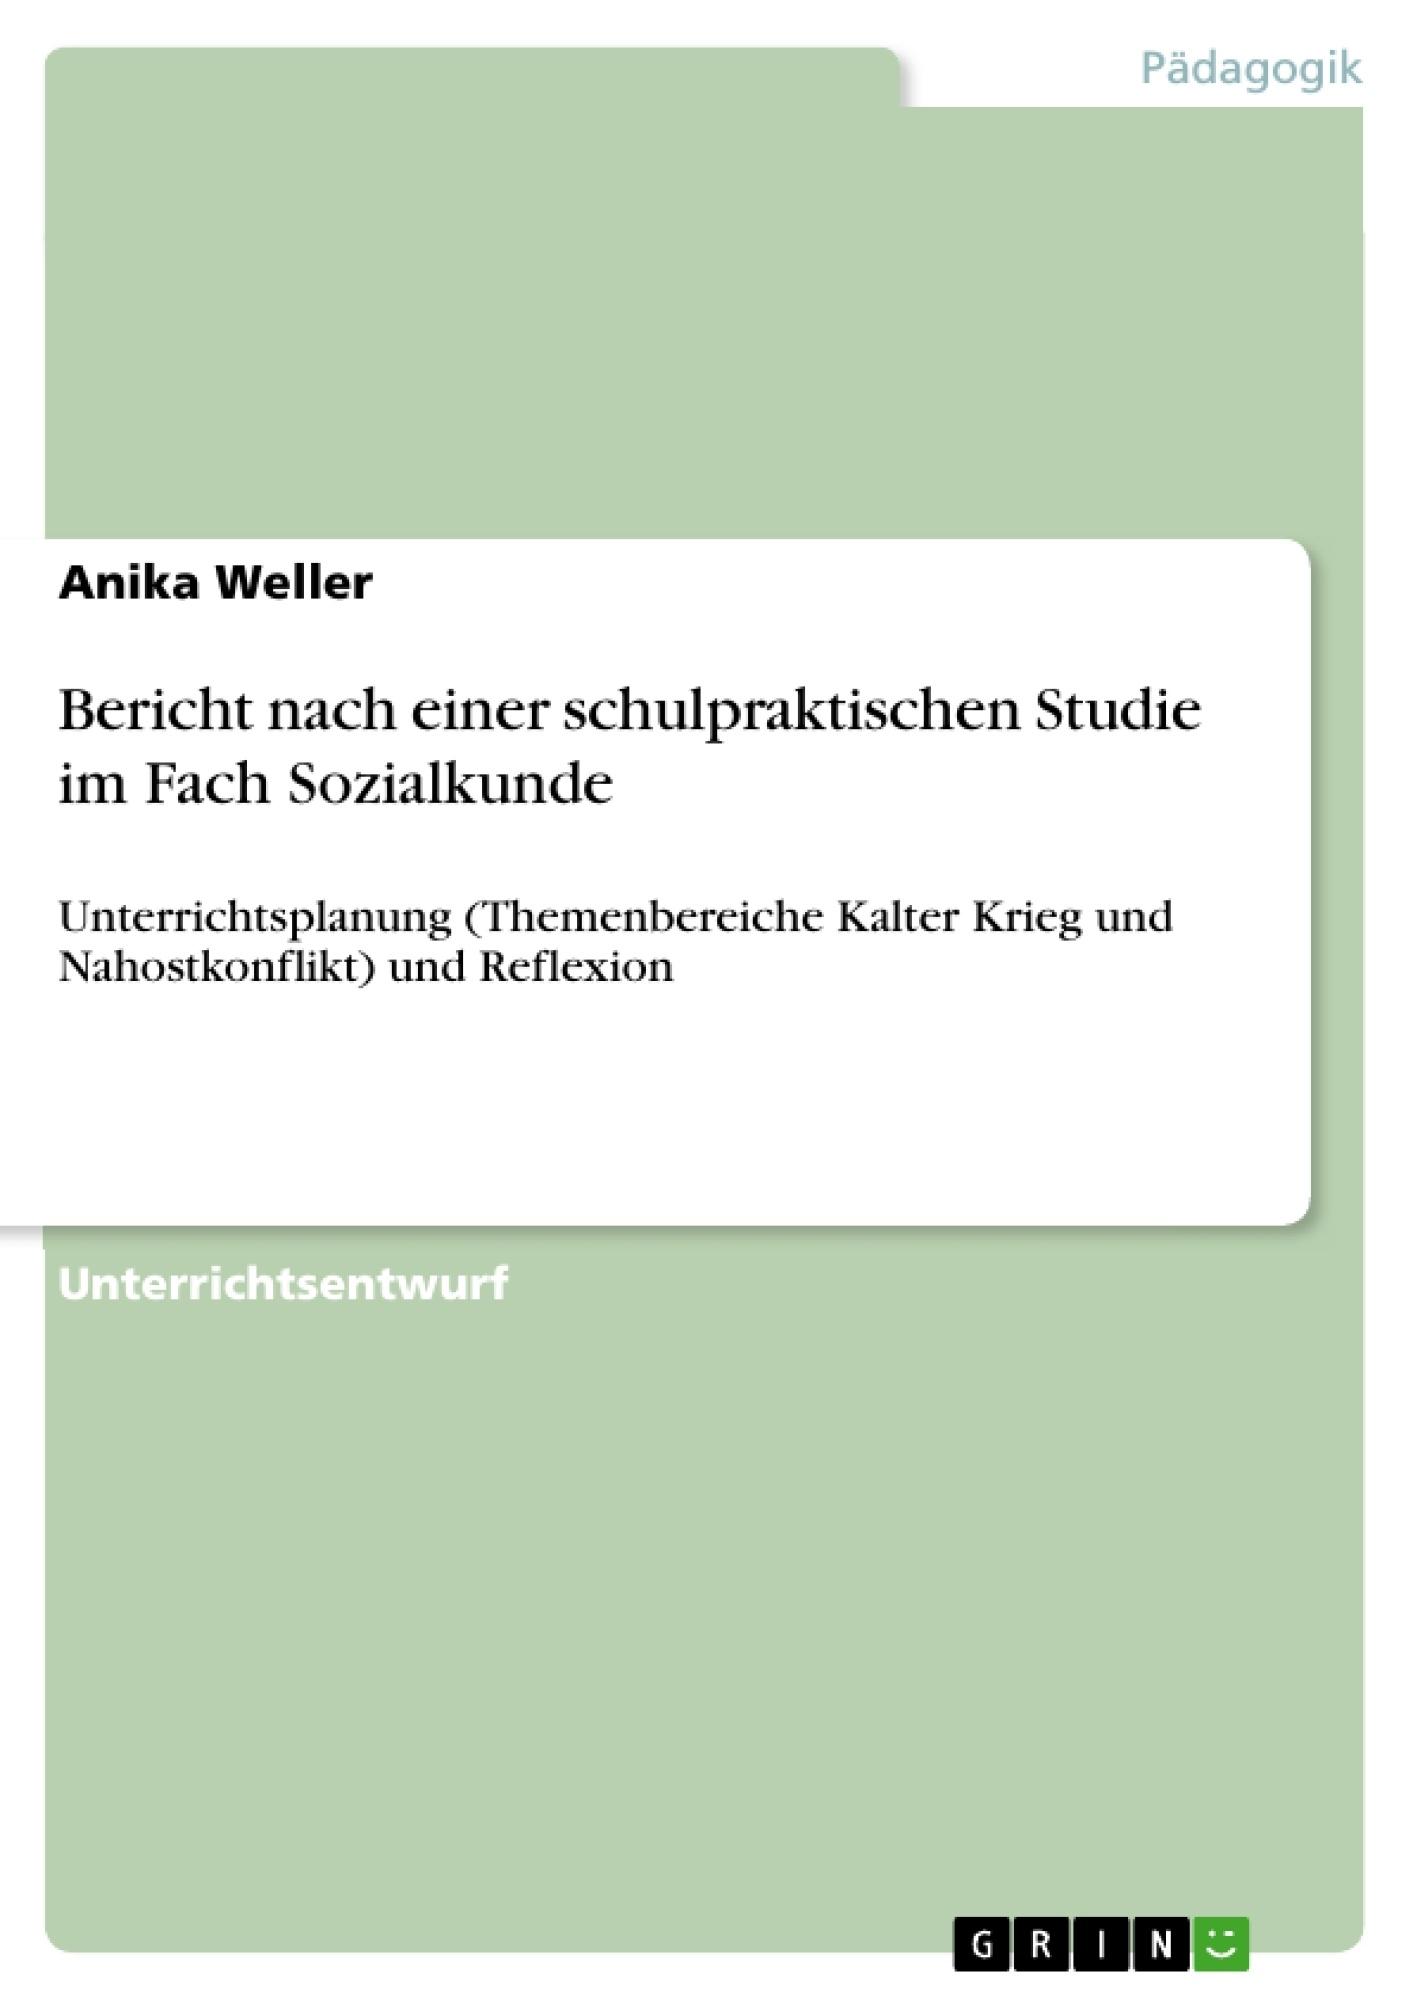 Titel: Bericht nach einer schulpraktischen Studie im Fach Sozialkunde